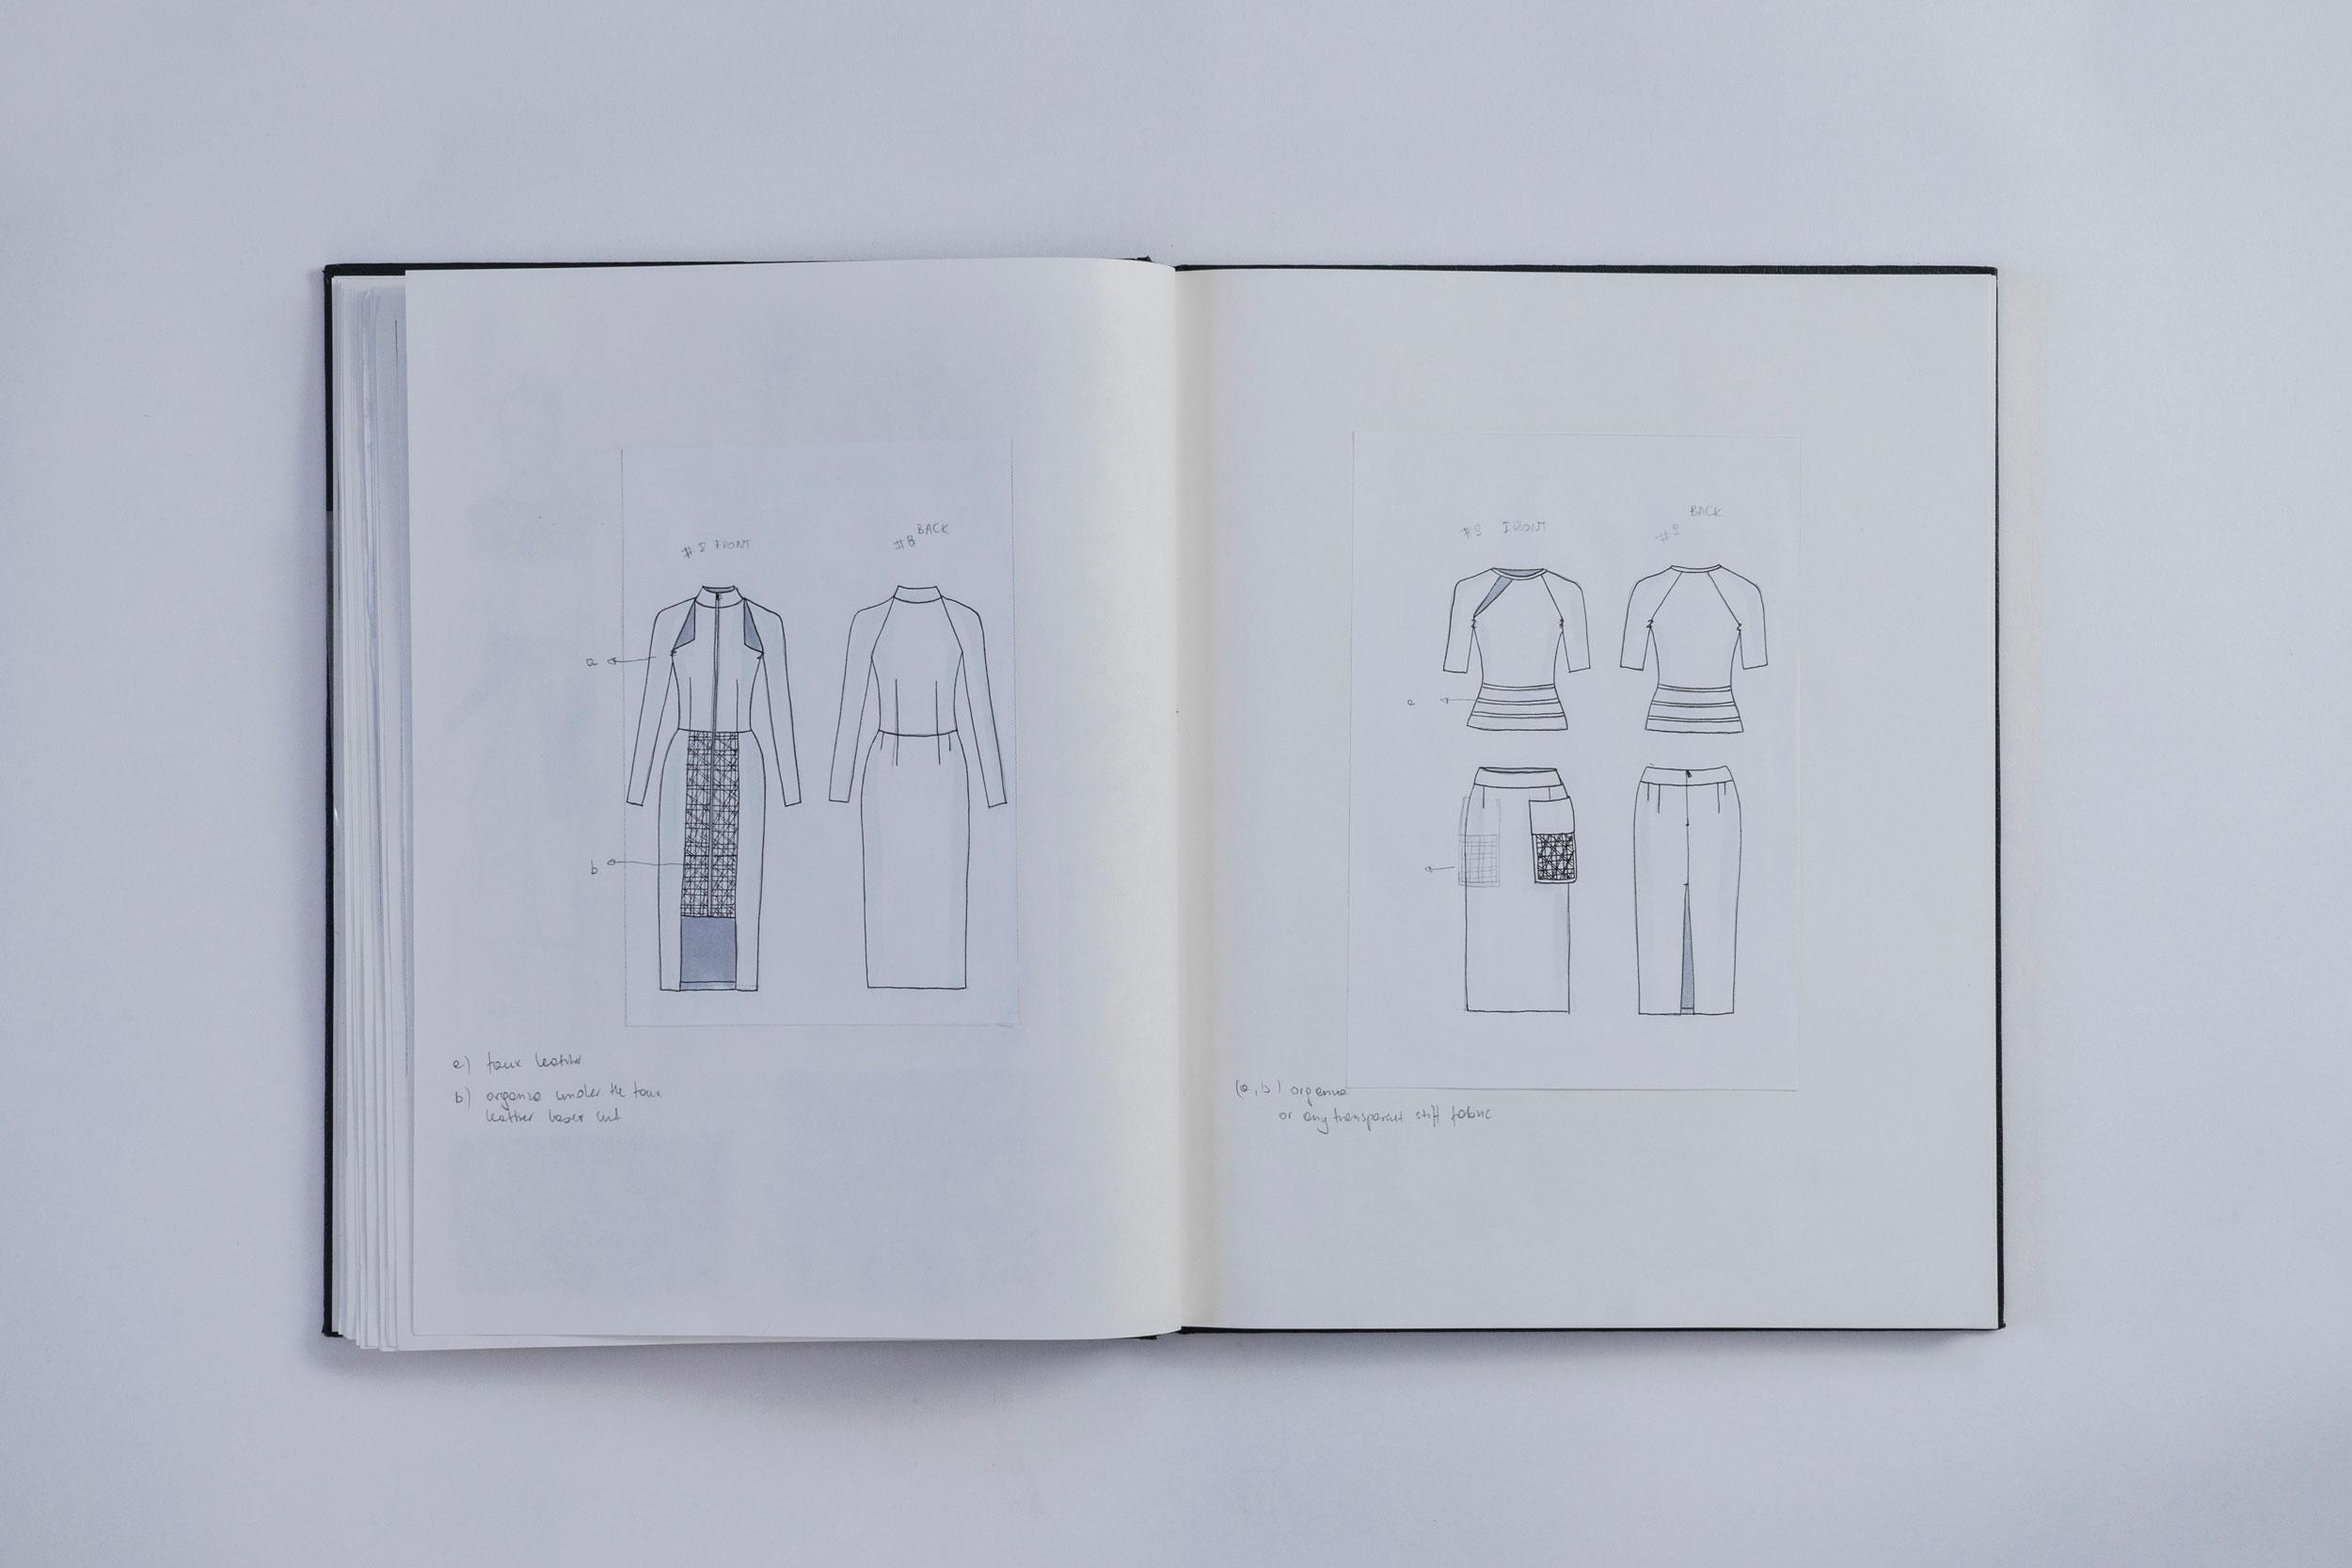 magda_richard_process_book22.jpg